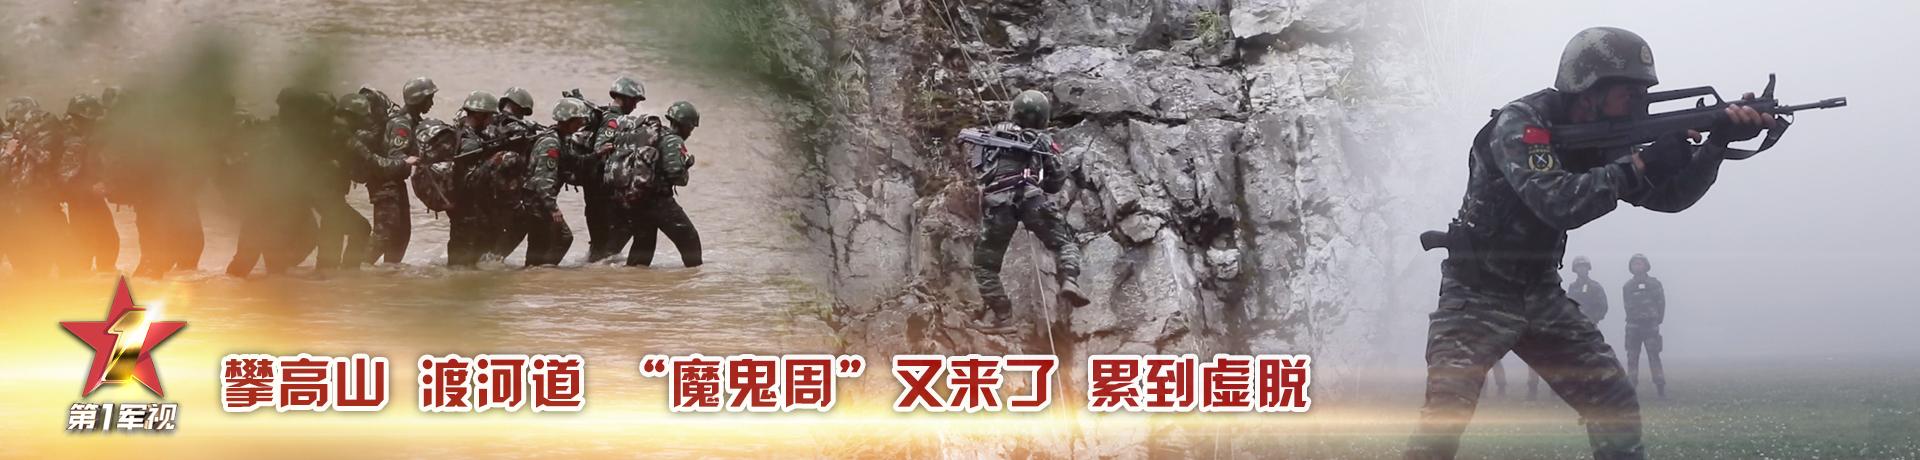 """【第一軍視】攀高山 渡河道 """"魔鬼周""""又來了 累到虛脫"""